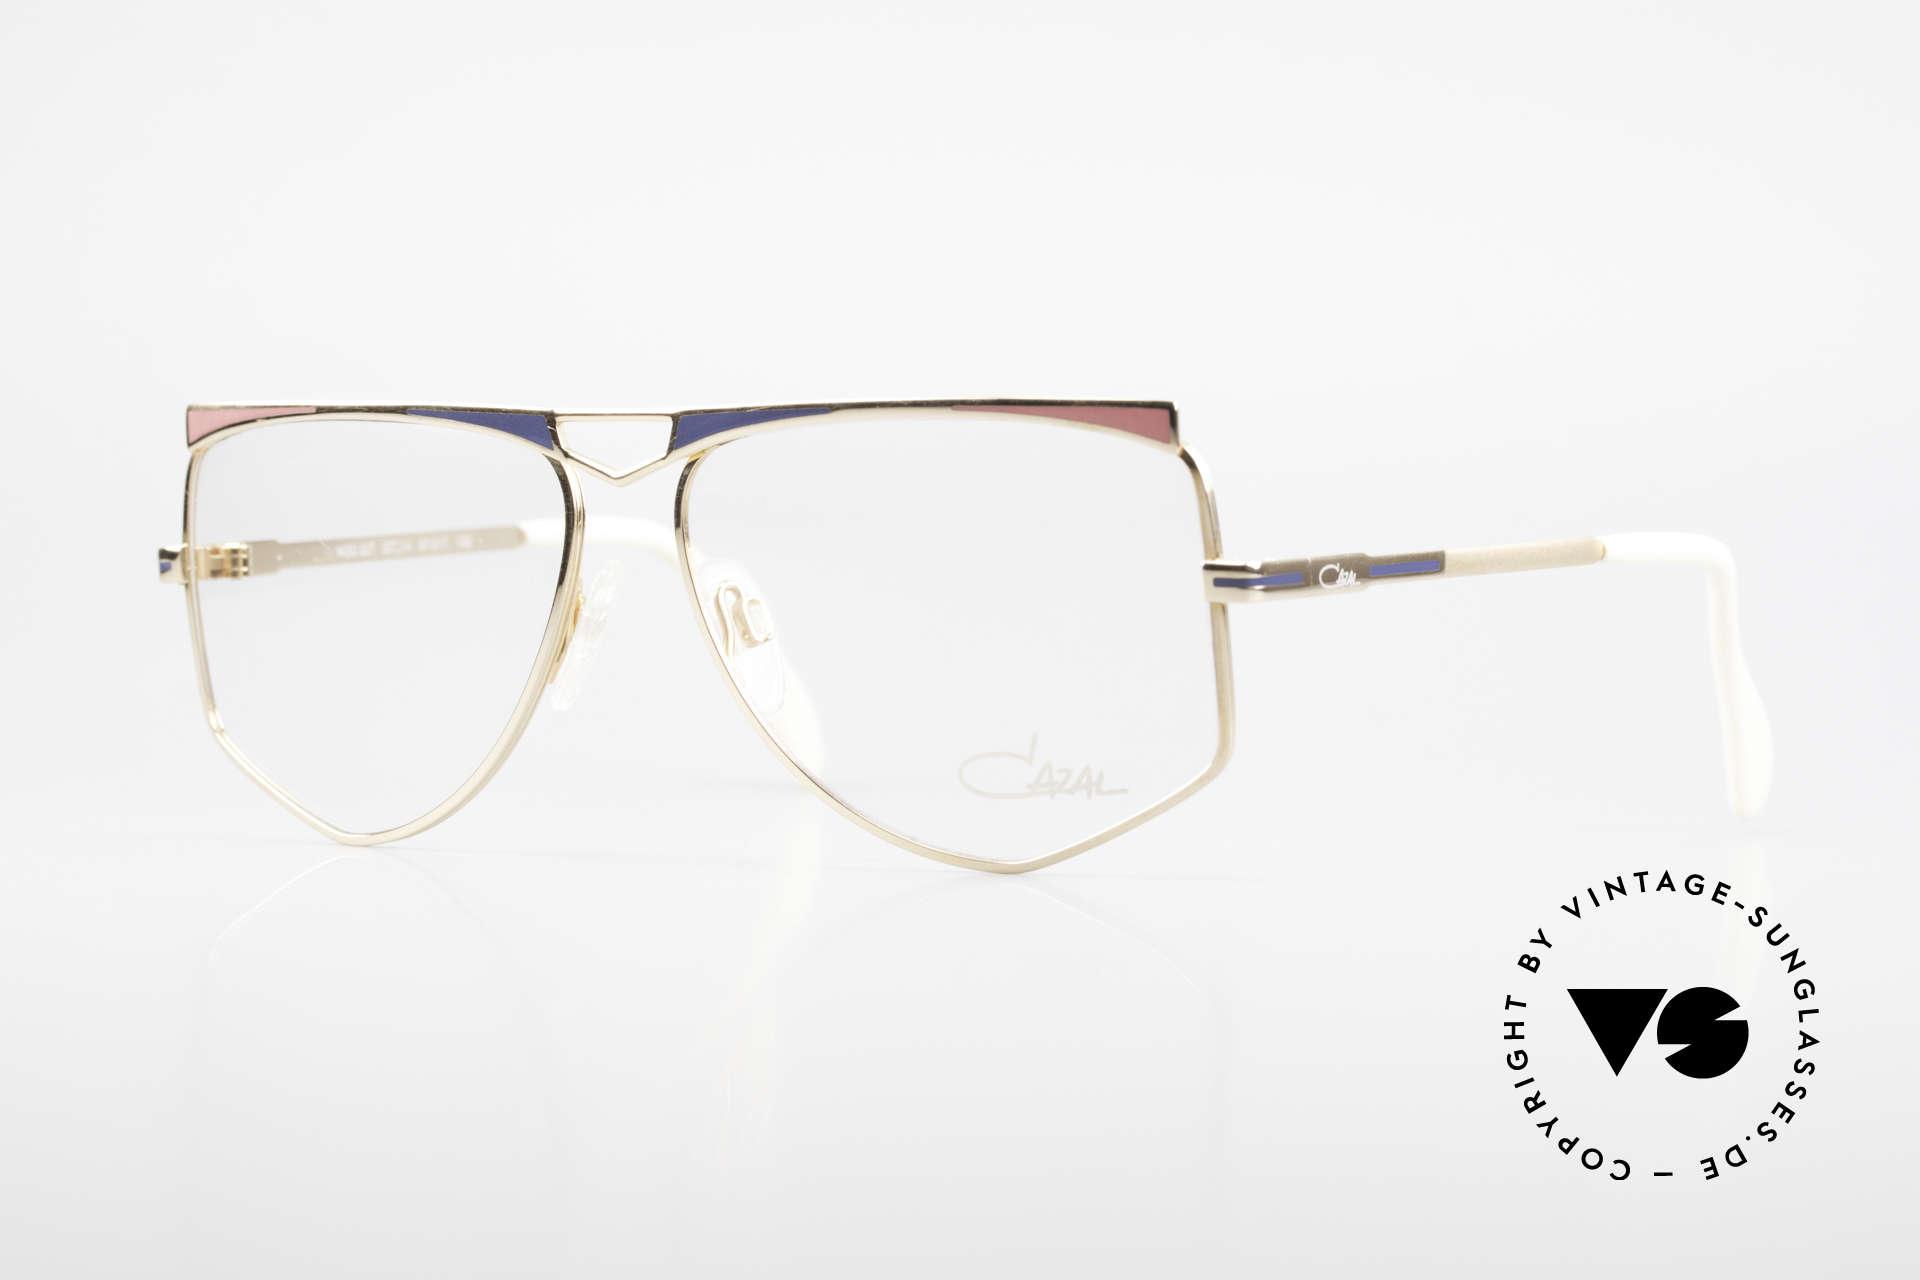 Cazal 227 True Old Vintage Eyeglasses, lovely women's designer frame by Cari Zalloni (CAZAL), Made for Women